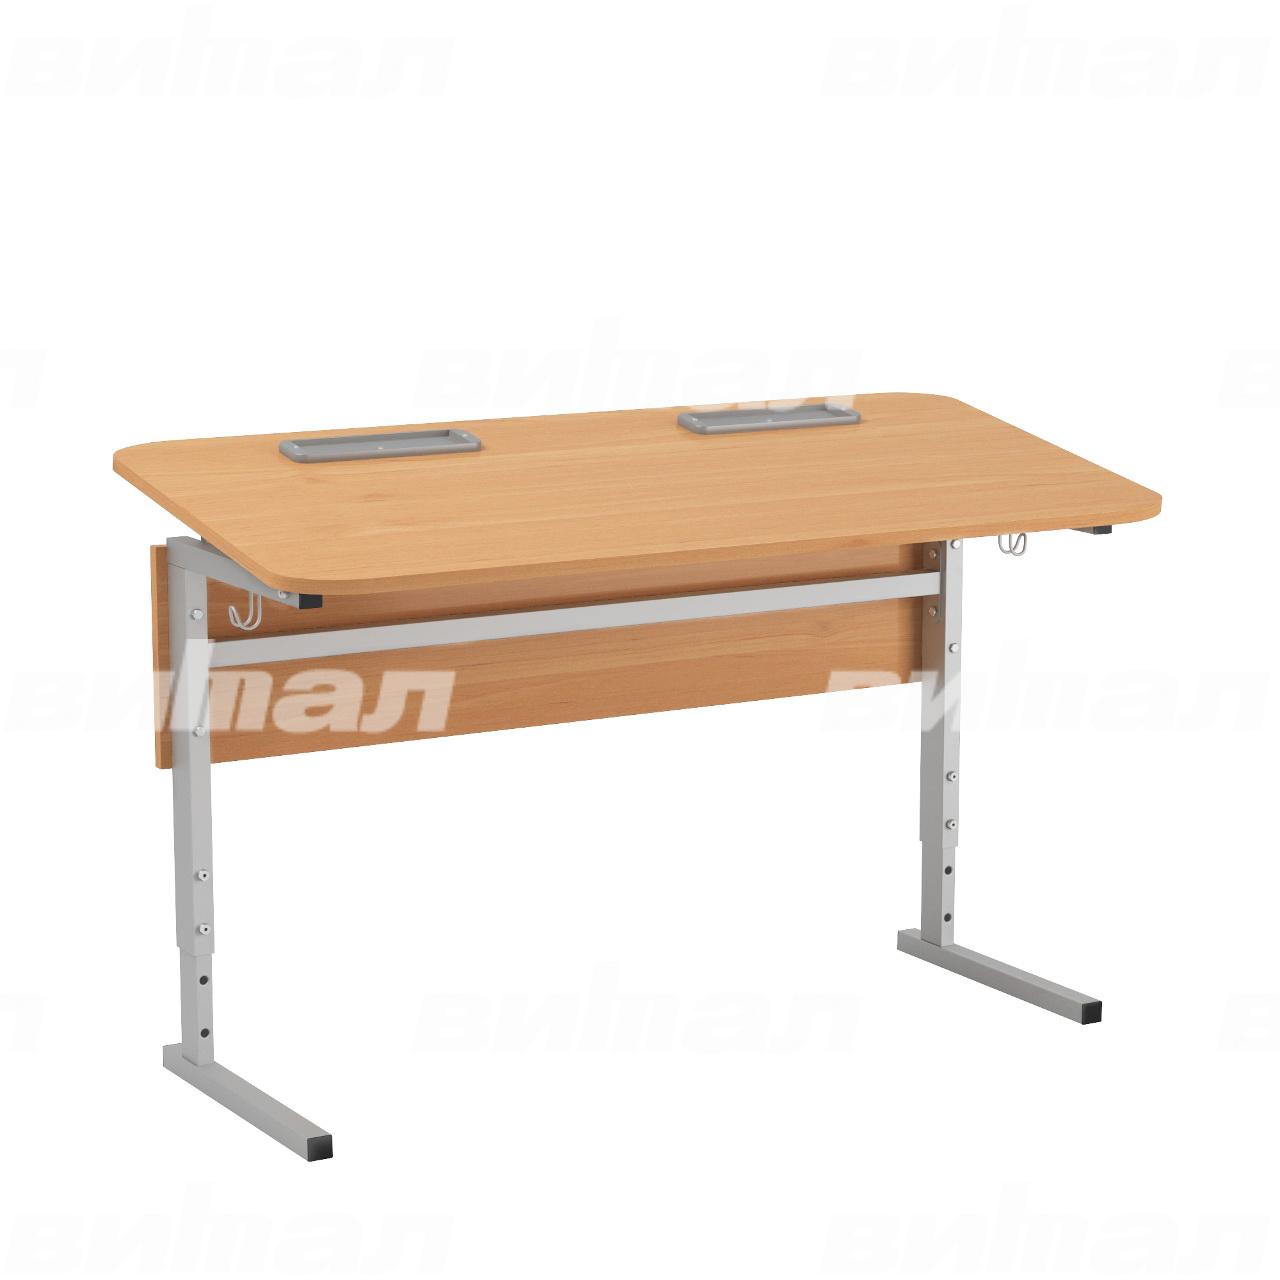 Стол 2-местный регулир. высота и наклон столешницы 0-10° (гр 2-4, 3-5 или 4-6) серый Ольха 2-4 Меламин прямоугольная